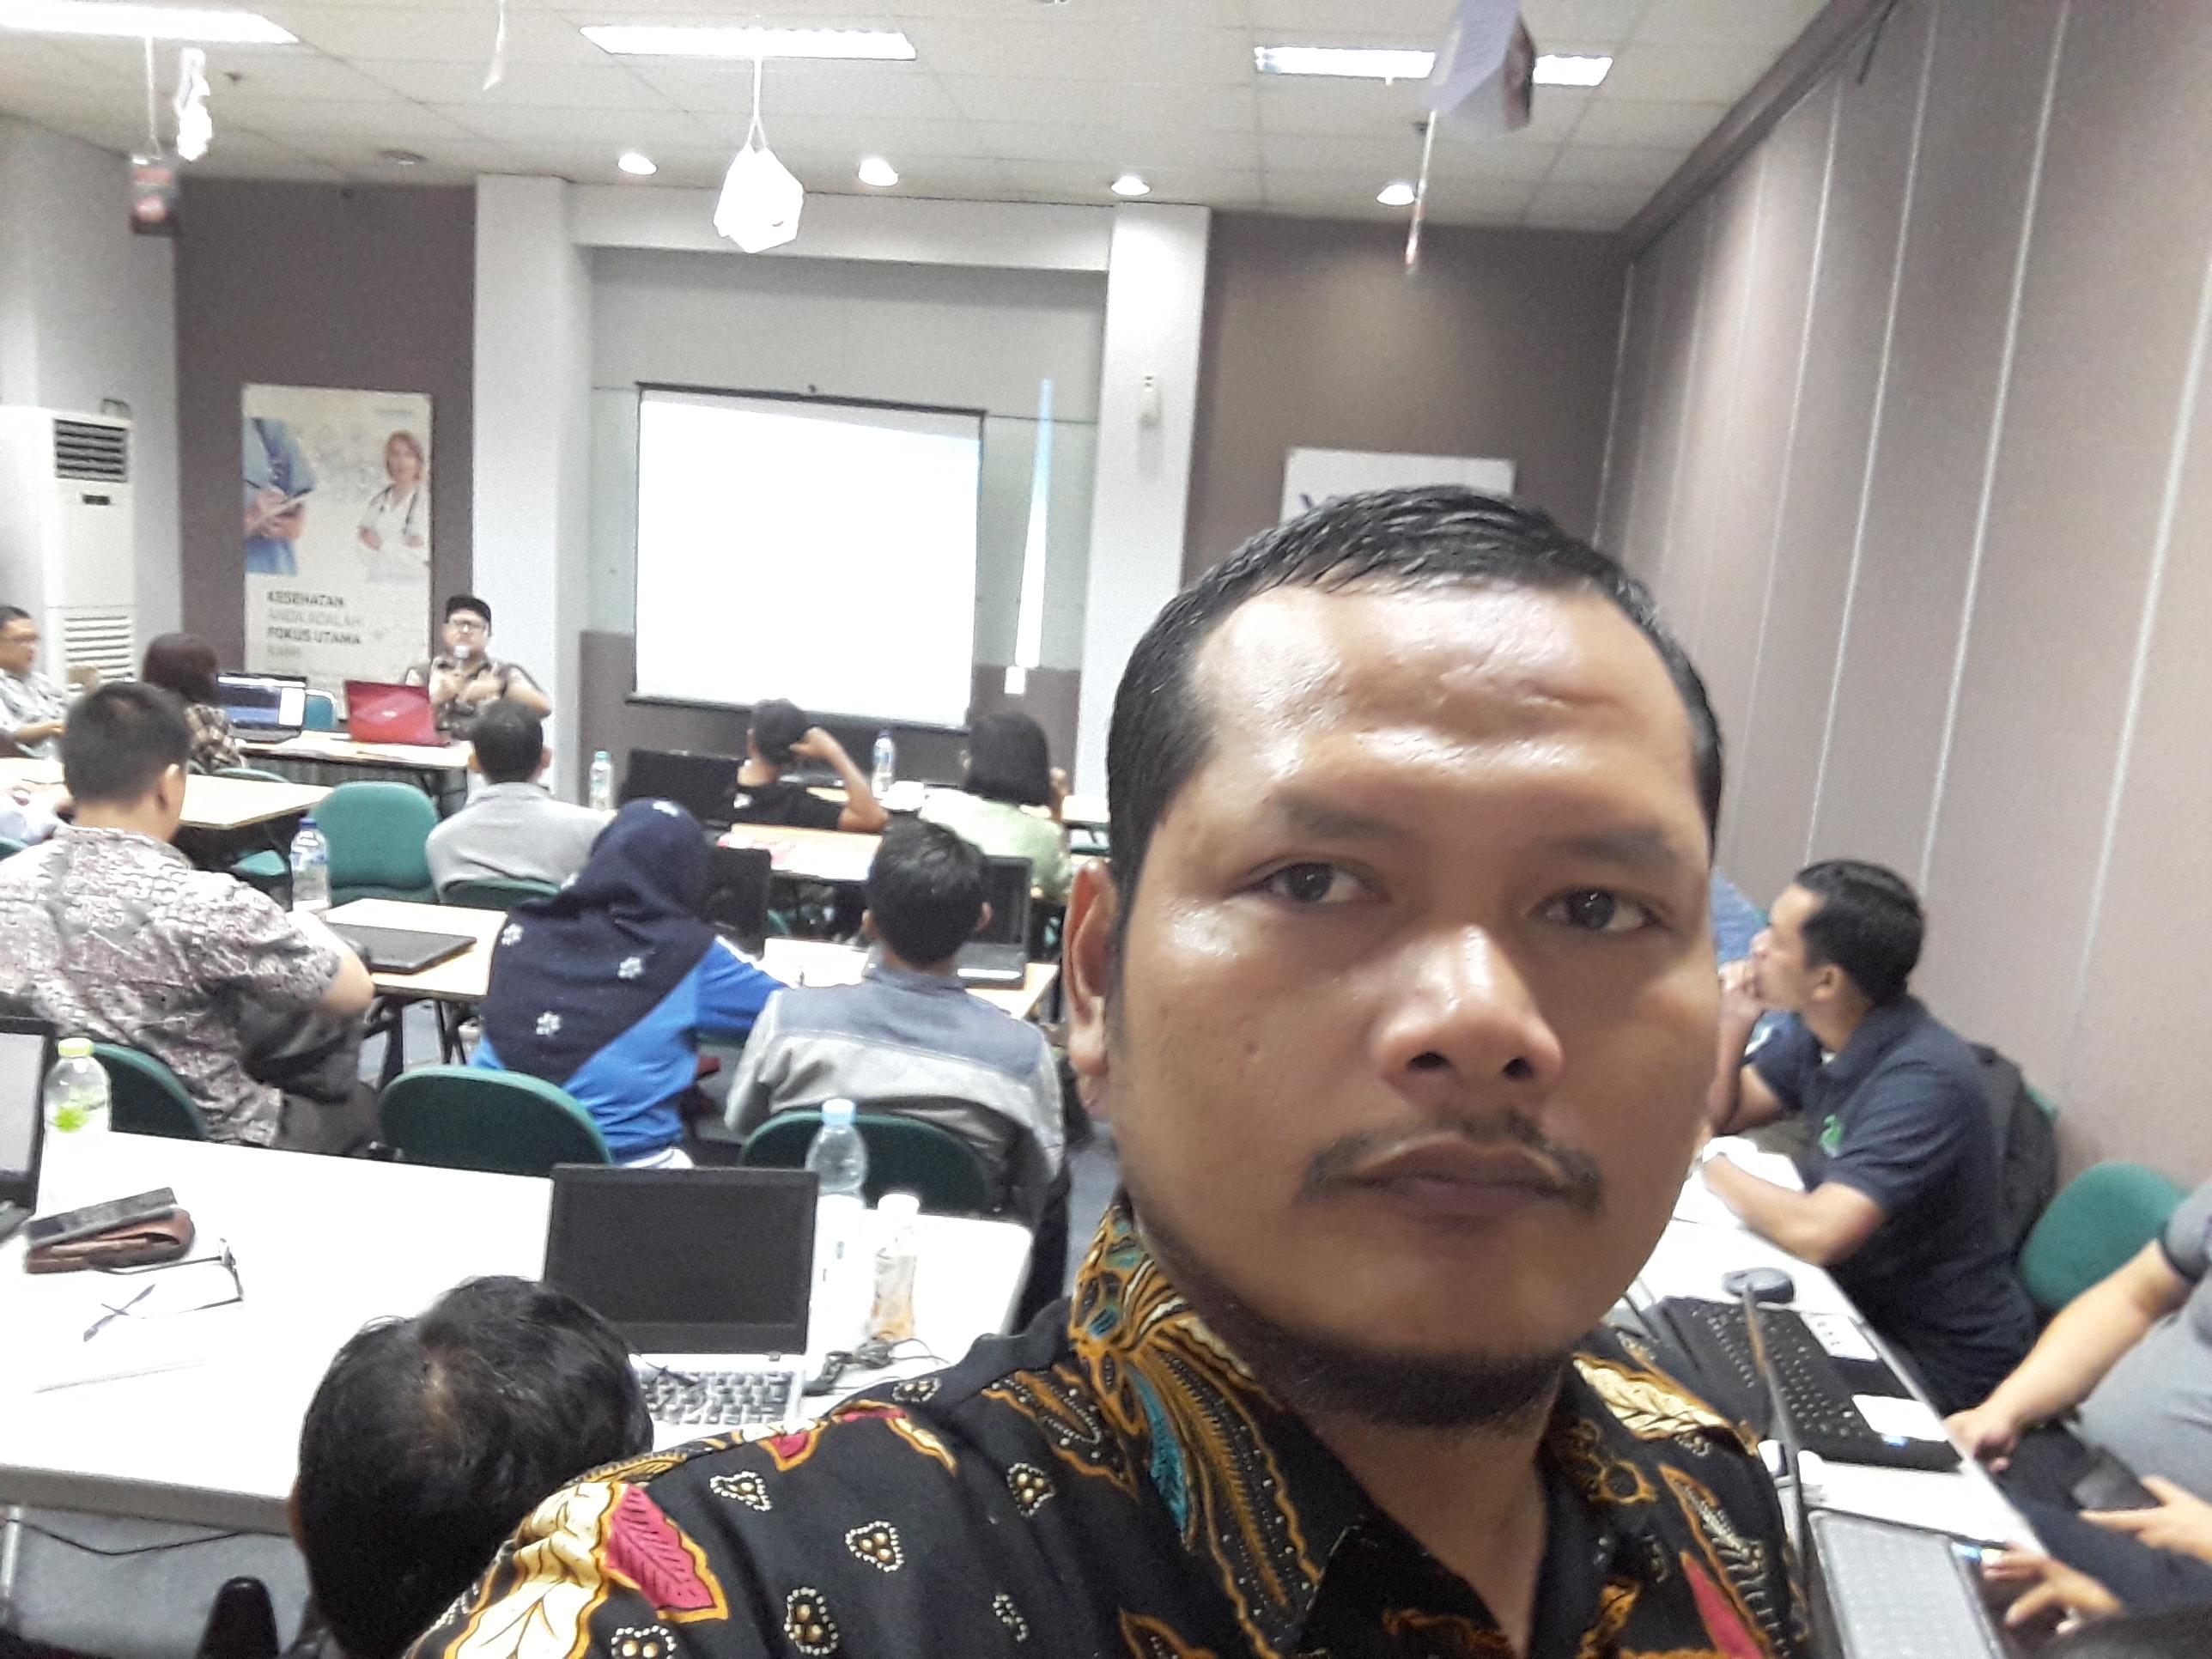 Kursus bisnis online terbaik untuk pemula di Argapura, Majalengka